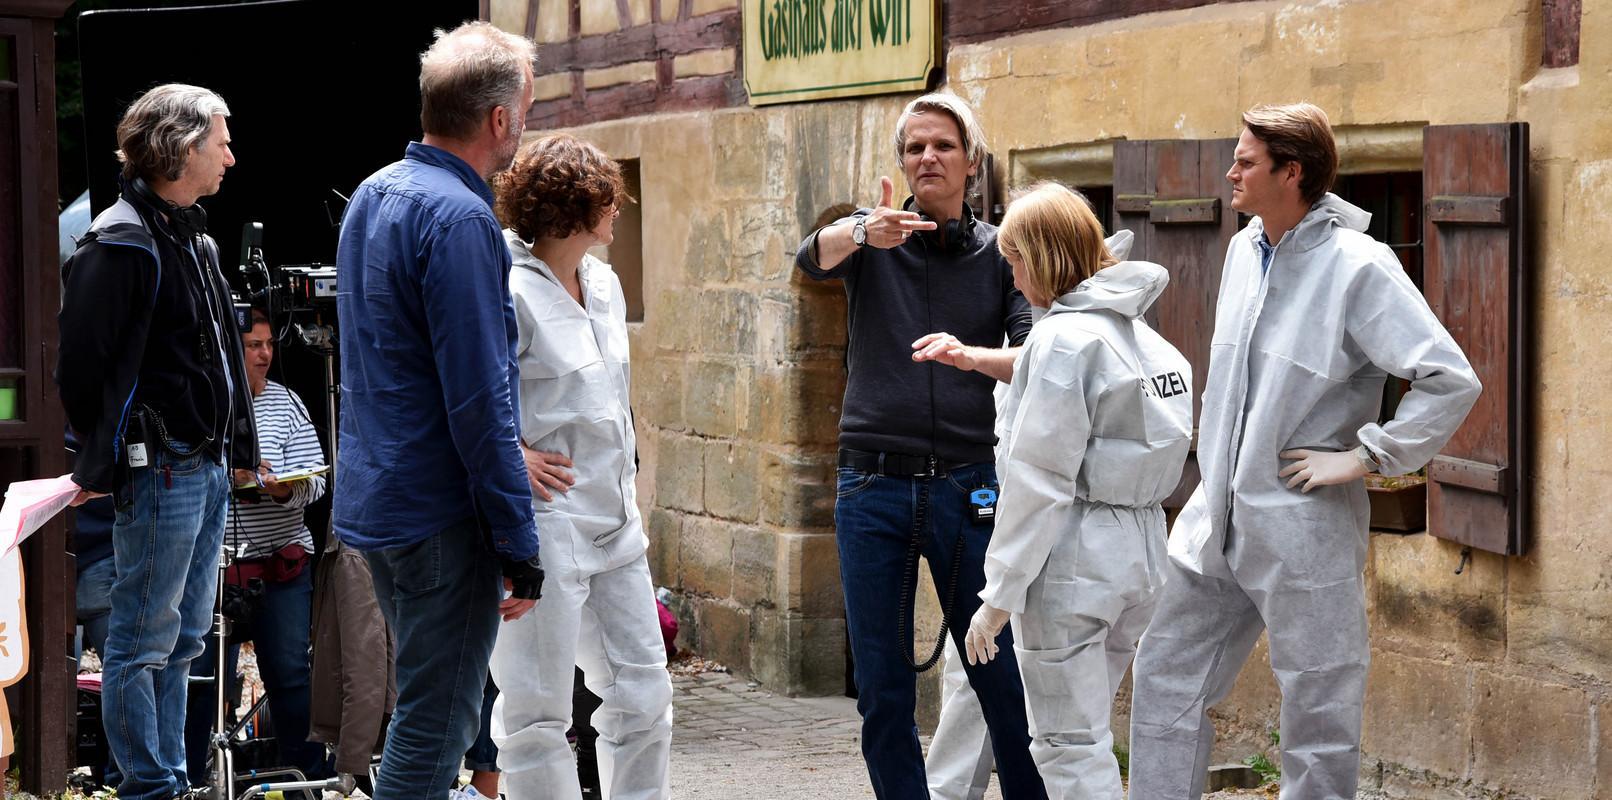 Ein Mord führt die Ermittler zum Gasthof Rockenbrunn, dass in der Folge dann natürlich einen anderen Namen bekommt.